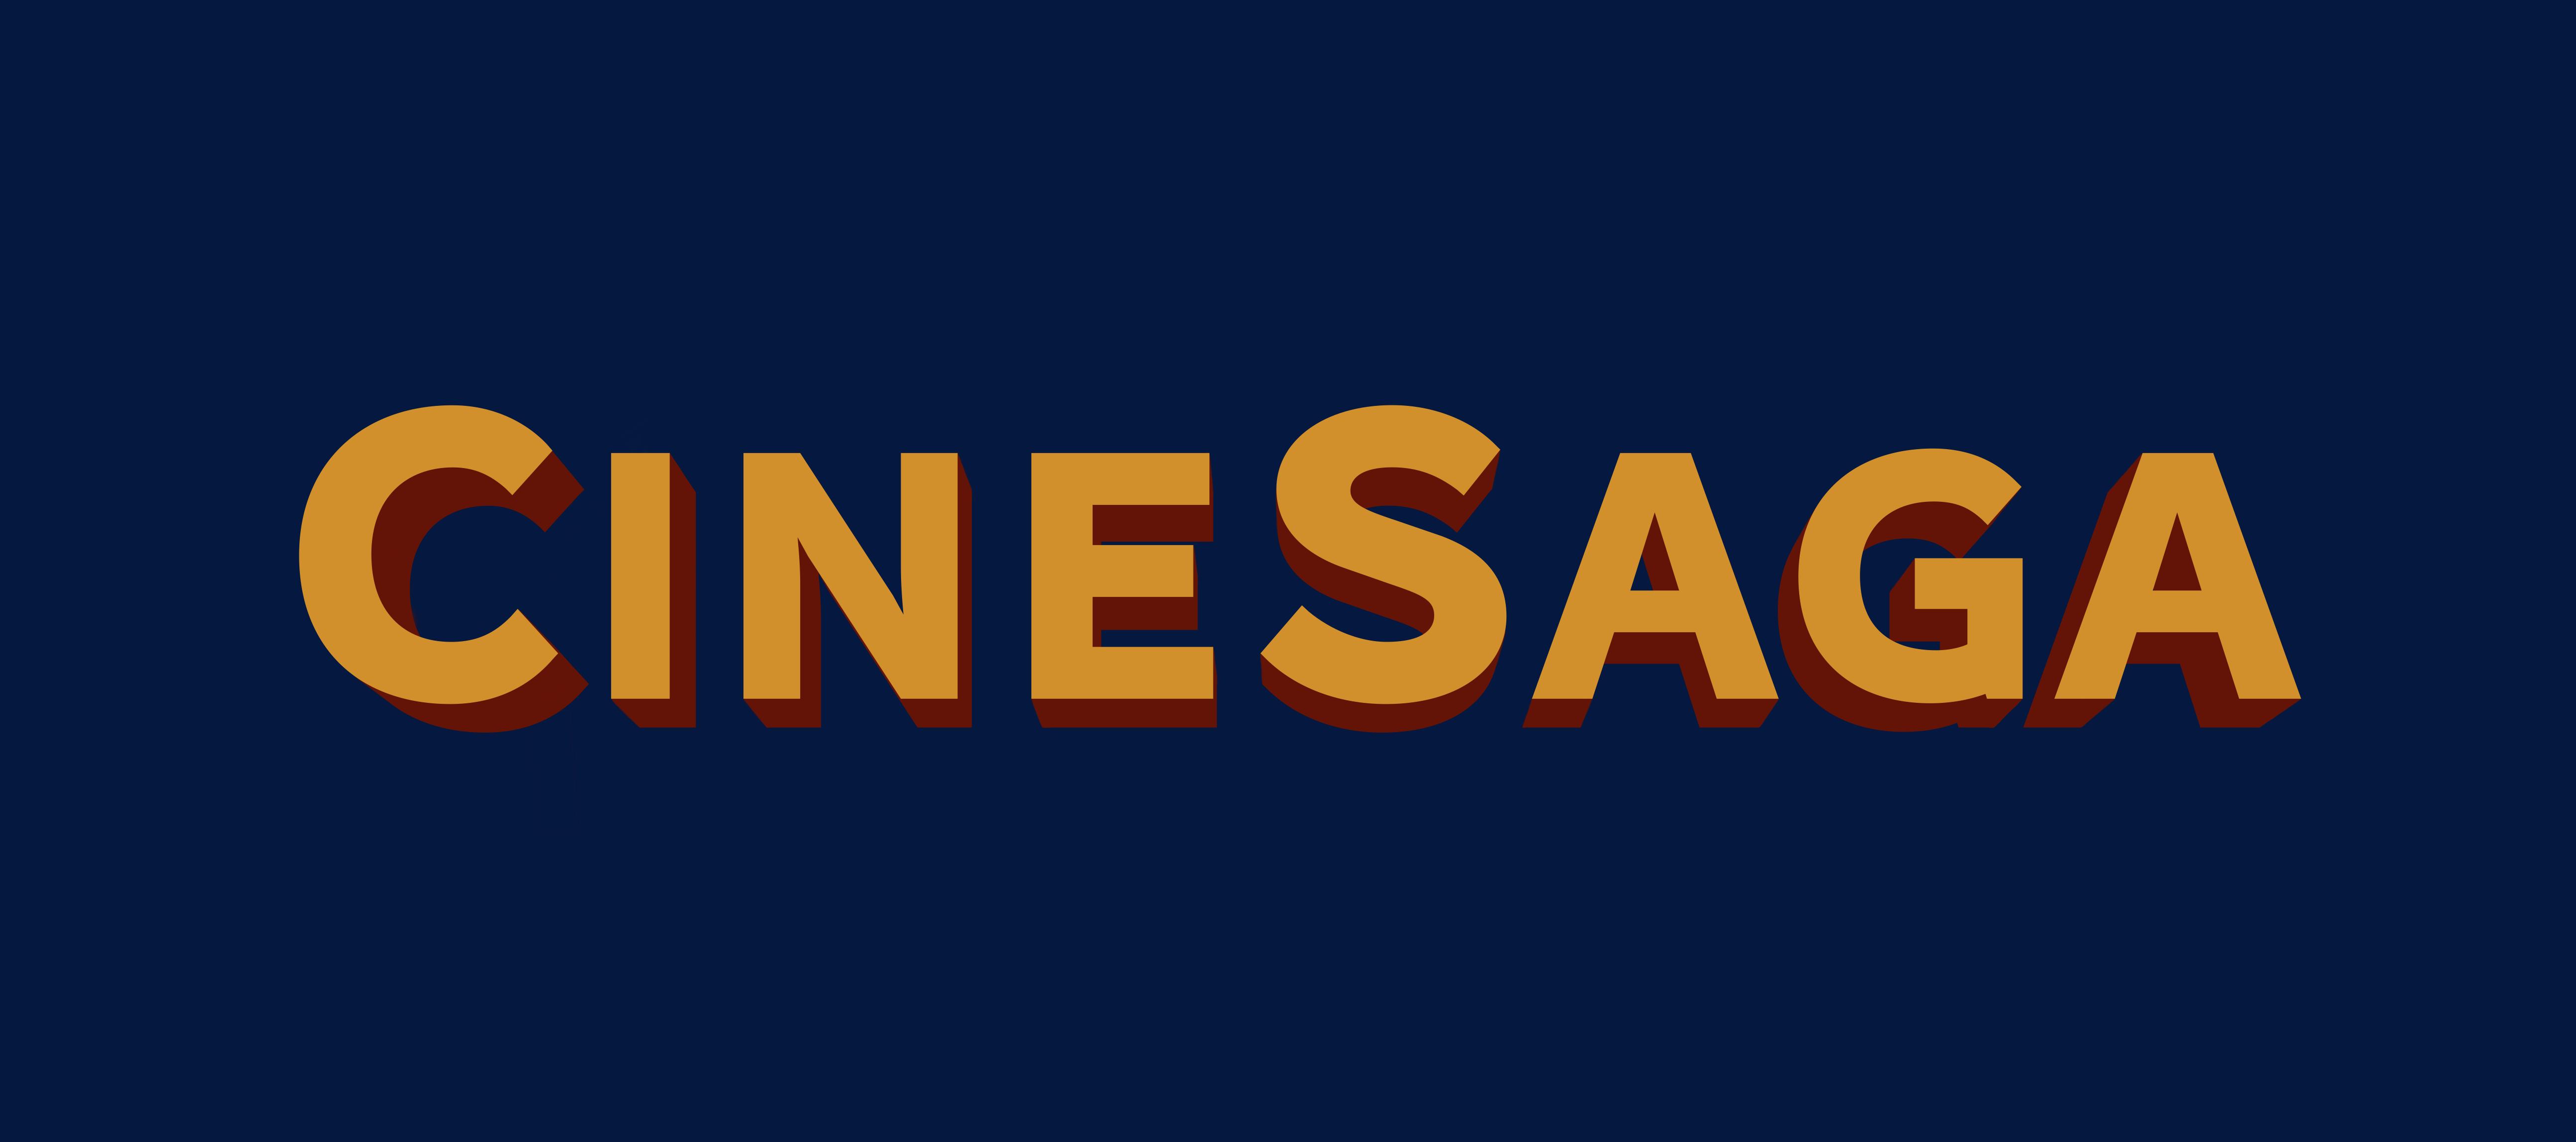 CineSaga